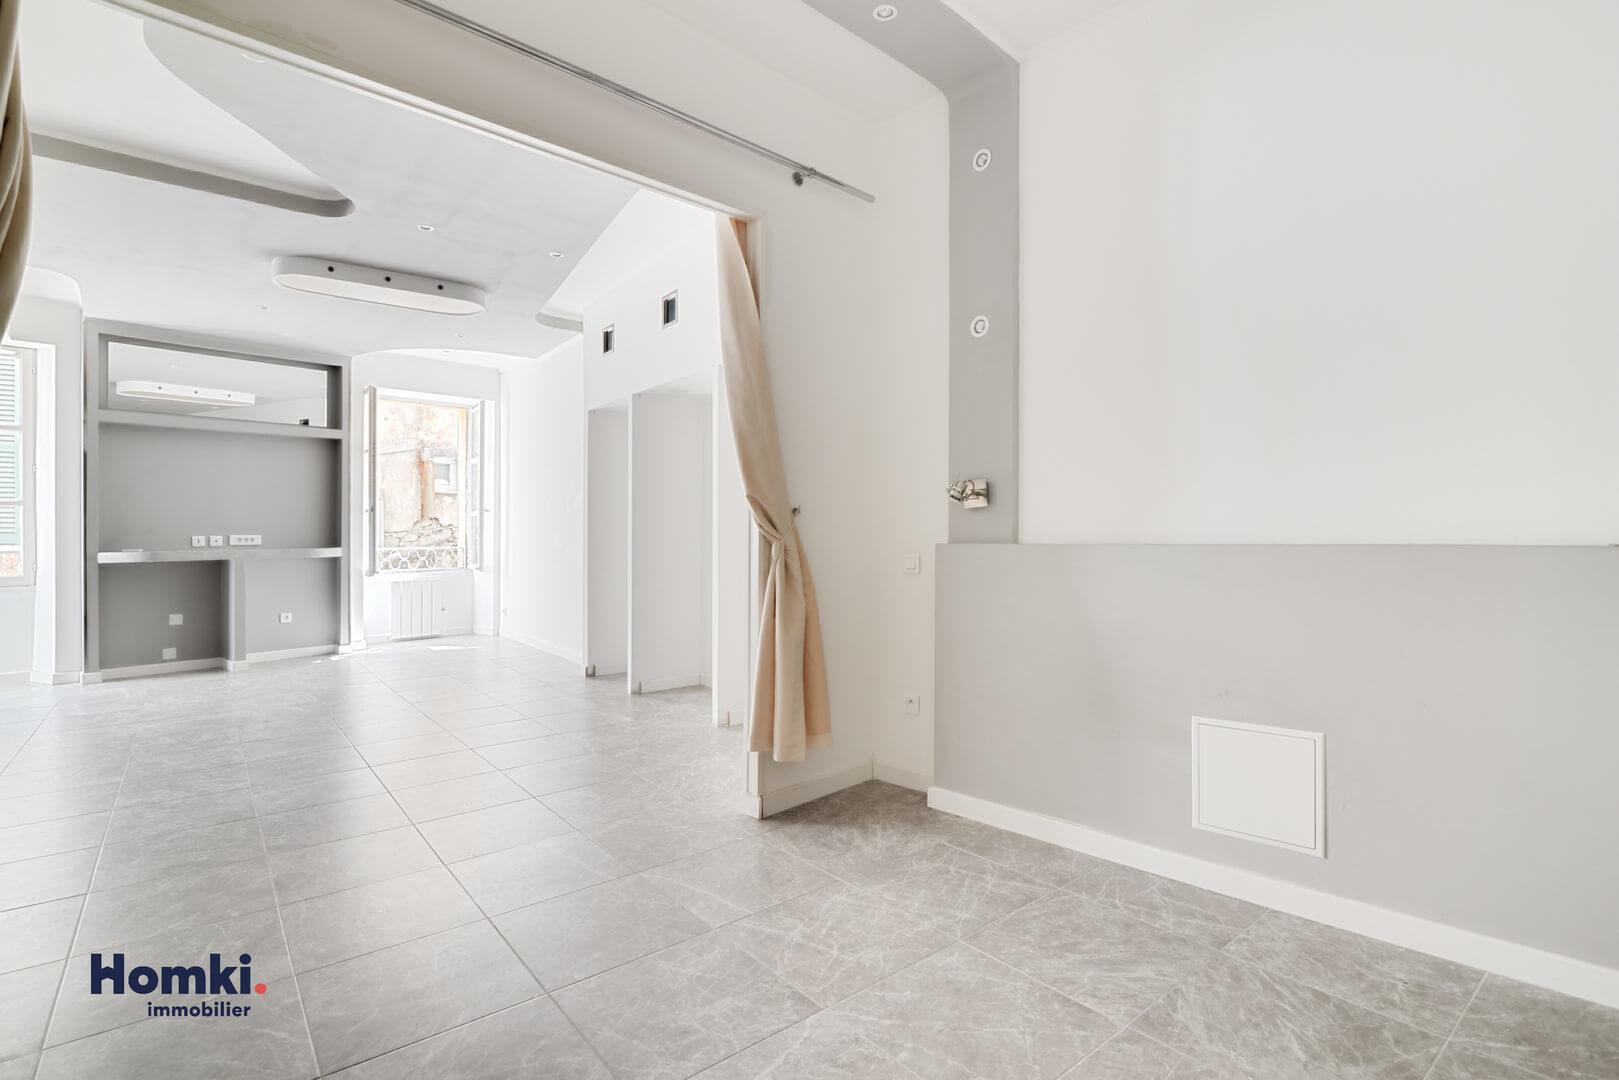 Vente appartement Menton T2 06500 Côte d'Azur French Riviera Investissement_6